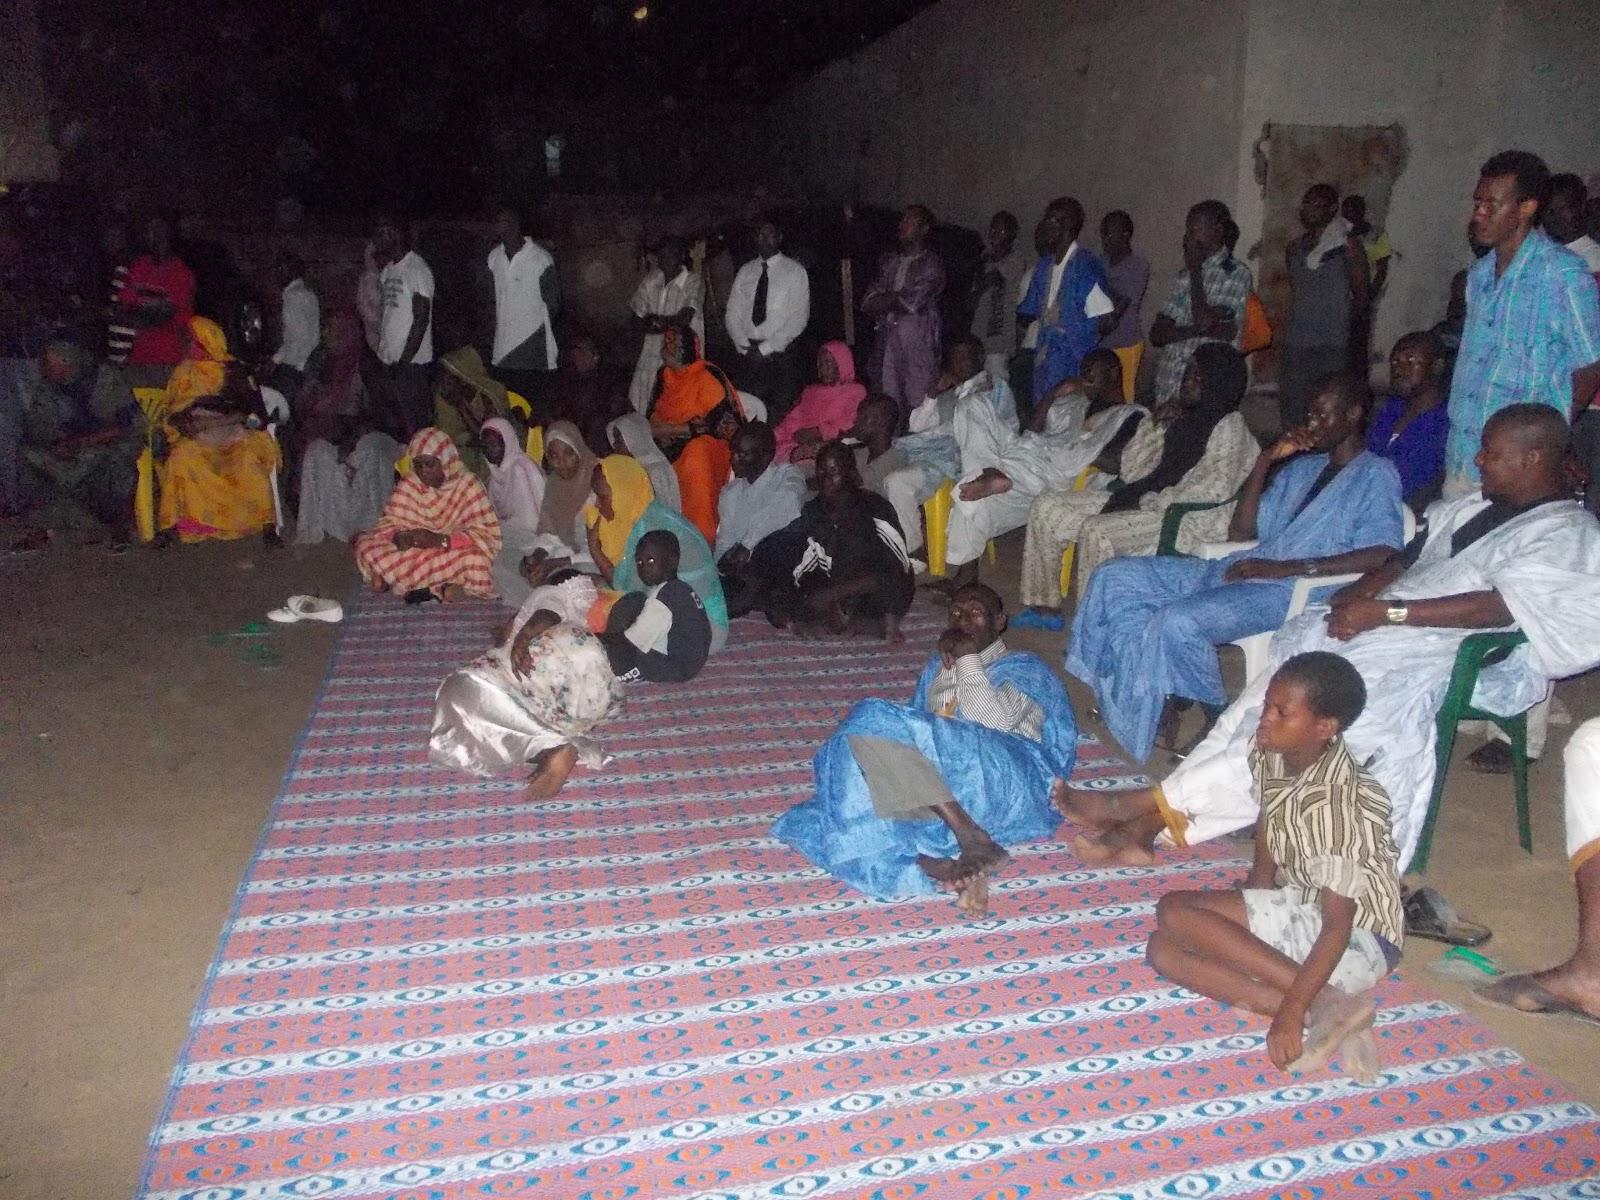 Mauritanie : Promouvoir les droits des Haratines